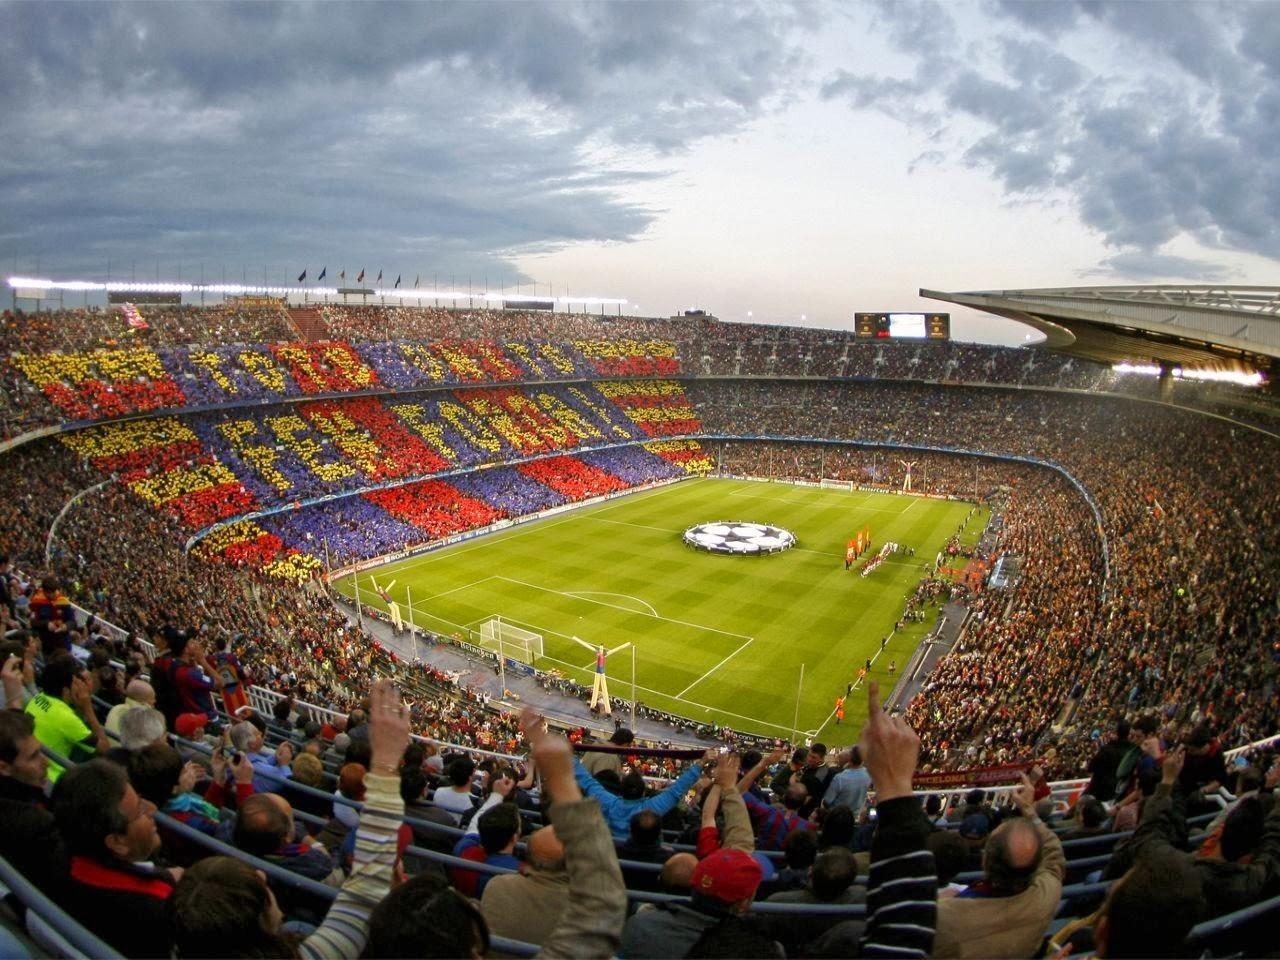 Fondos De Pantalla Camp Nou España El Fc Barcelona: Fondo De Pantalla Futbol Camp Nou F.C. Barcelona